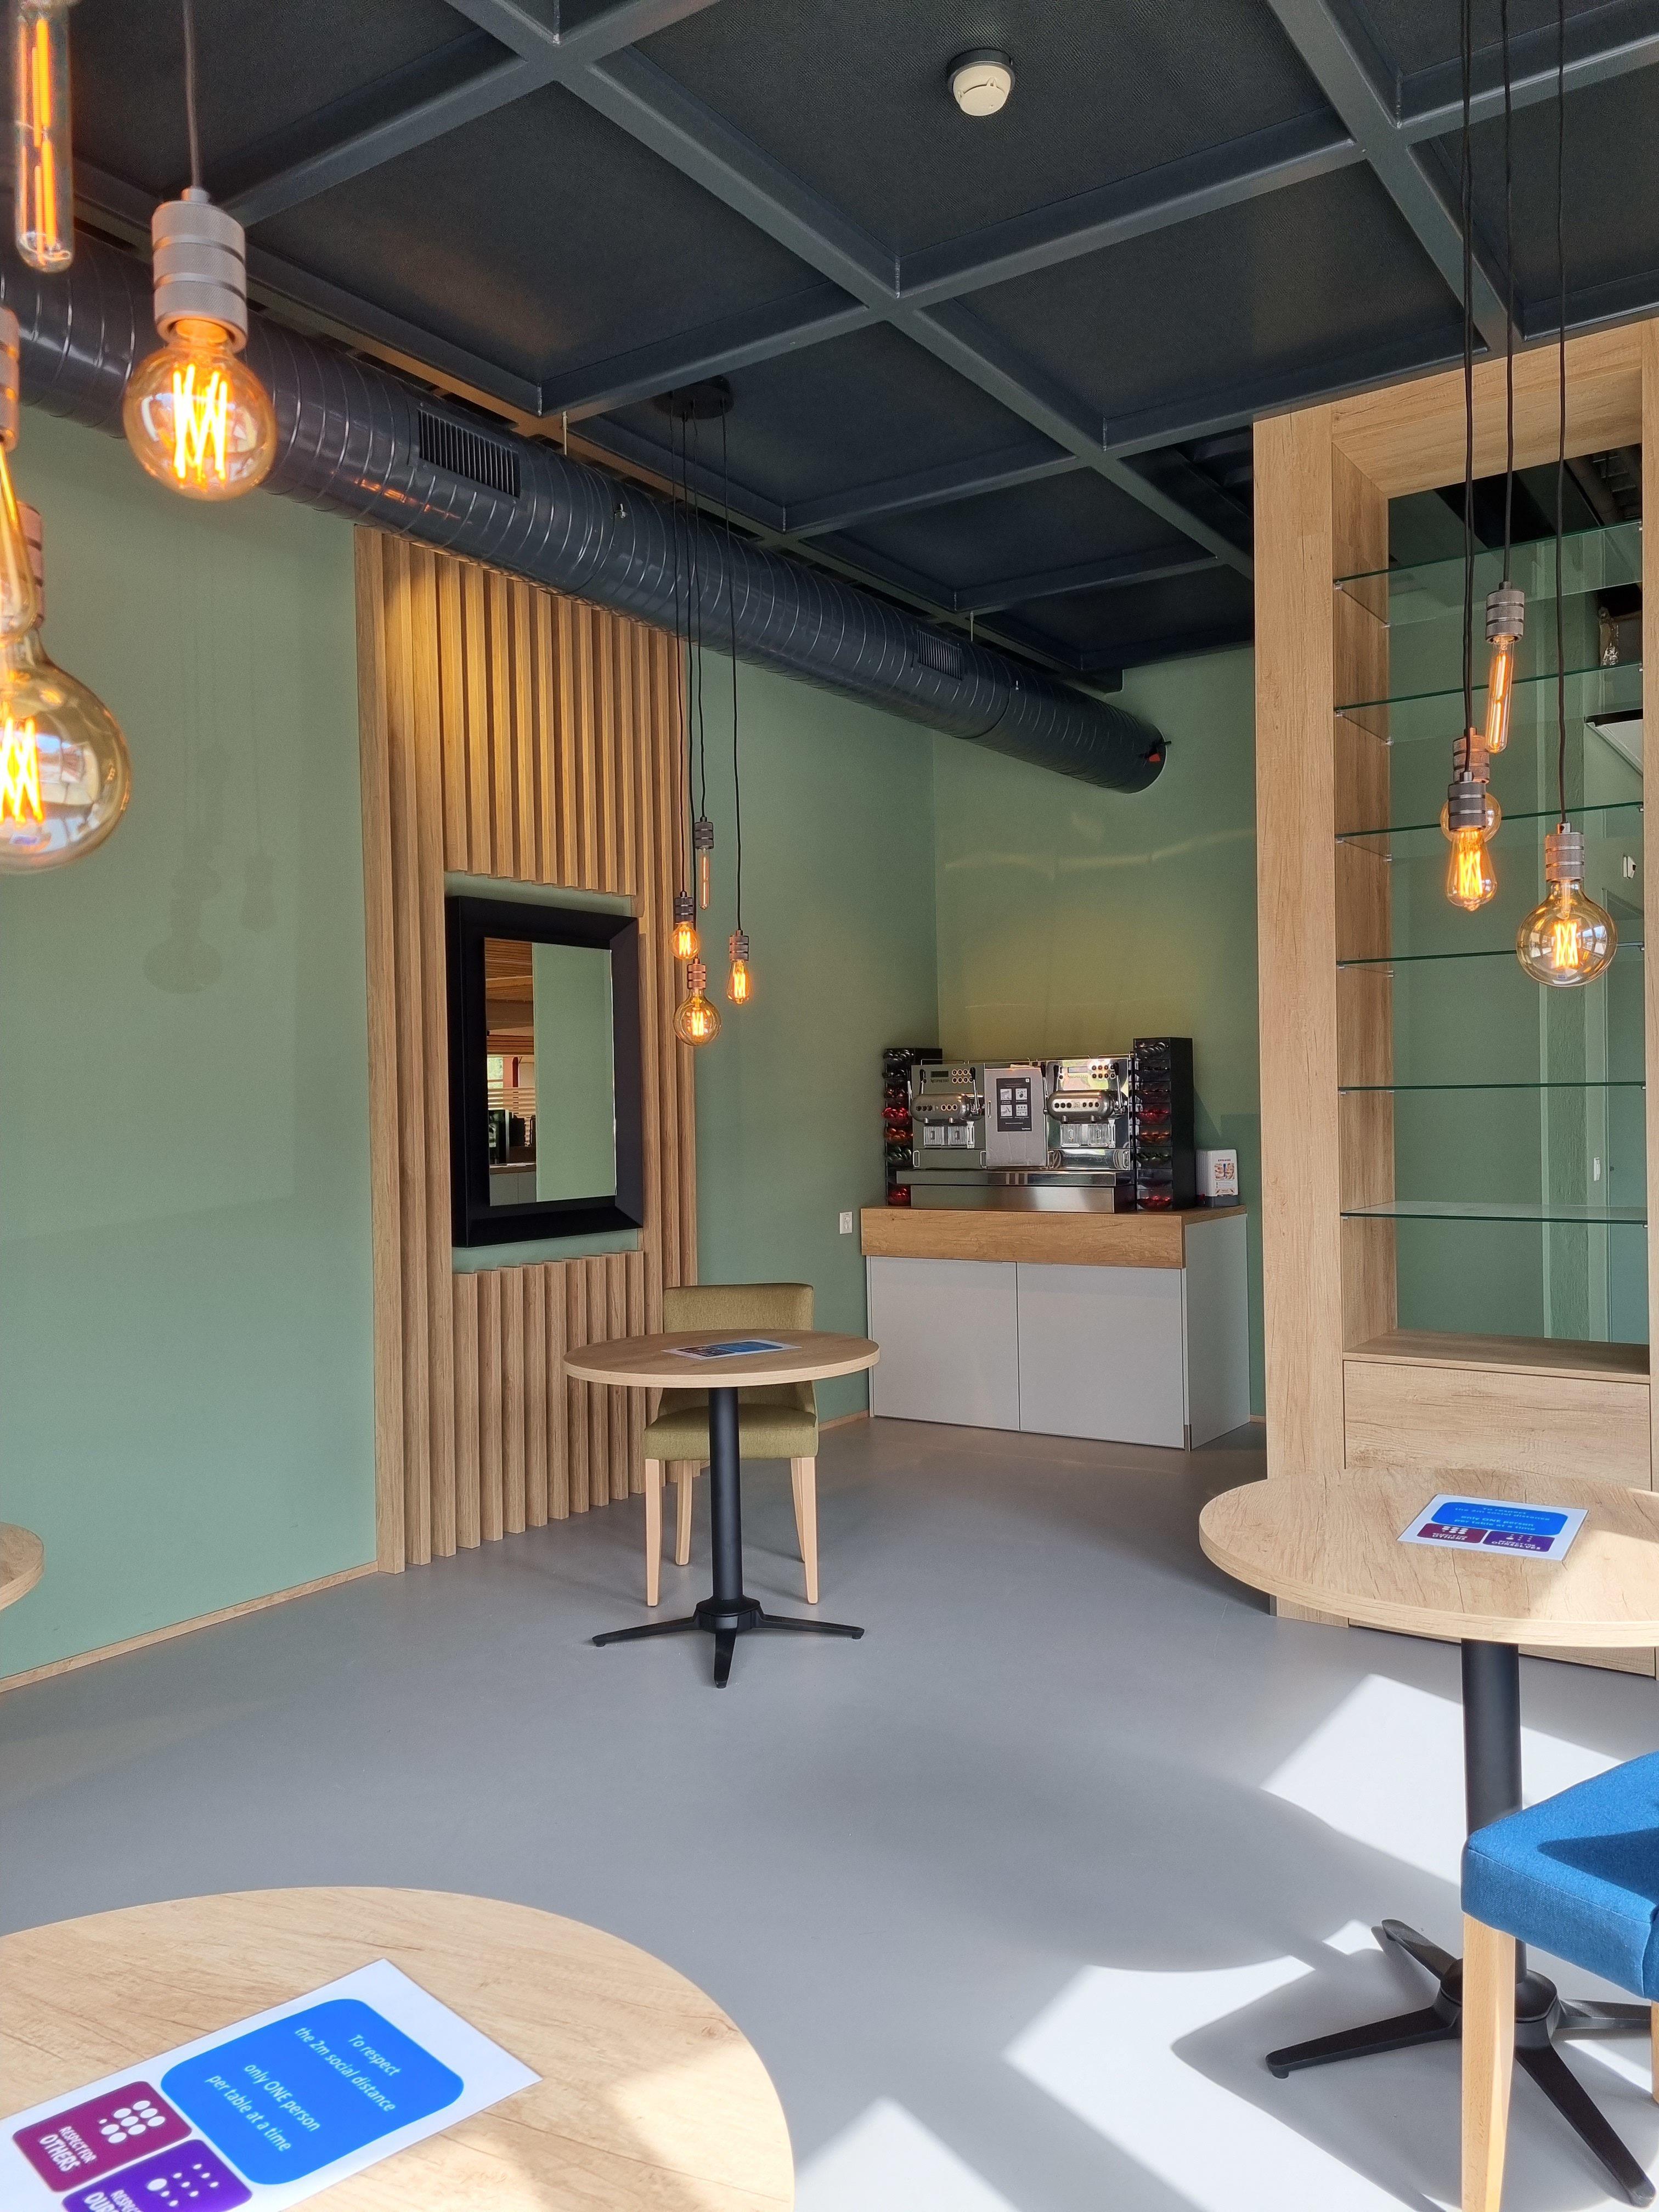 Nestlé cafétéria lausanne rénovation